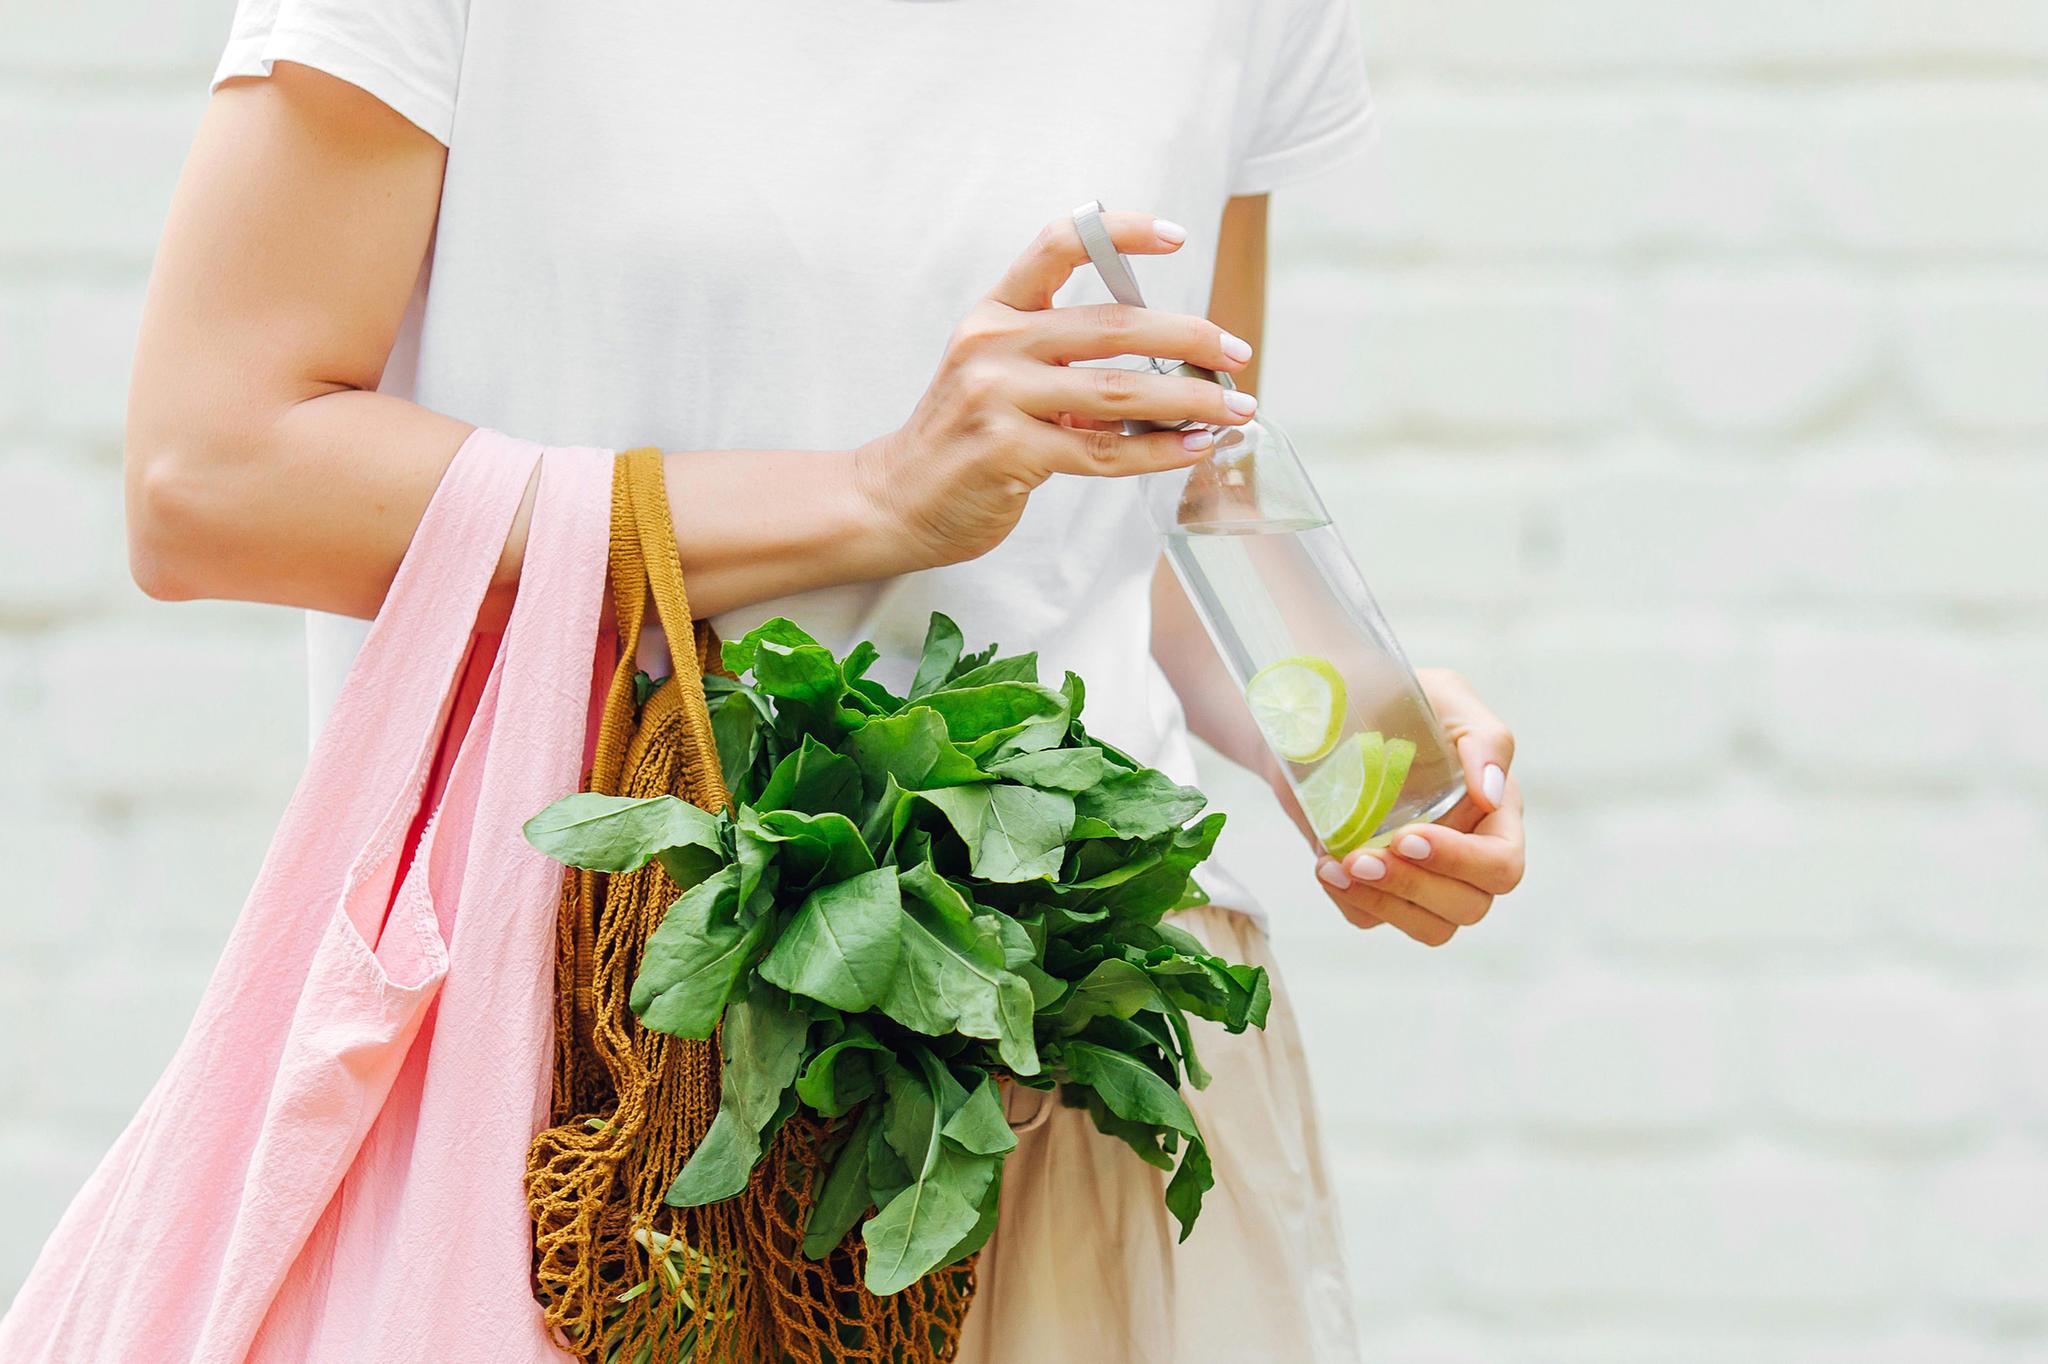 Nachhaltigkeit in der Küche – Tipps fürFoodies